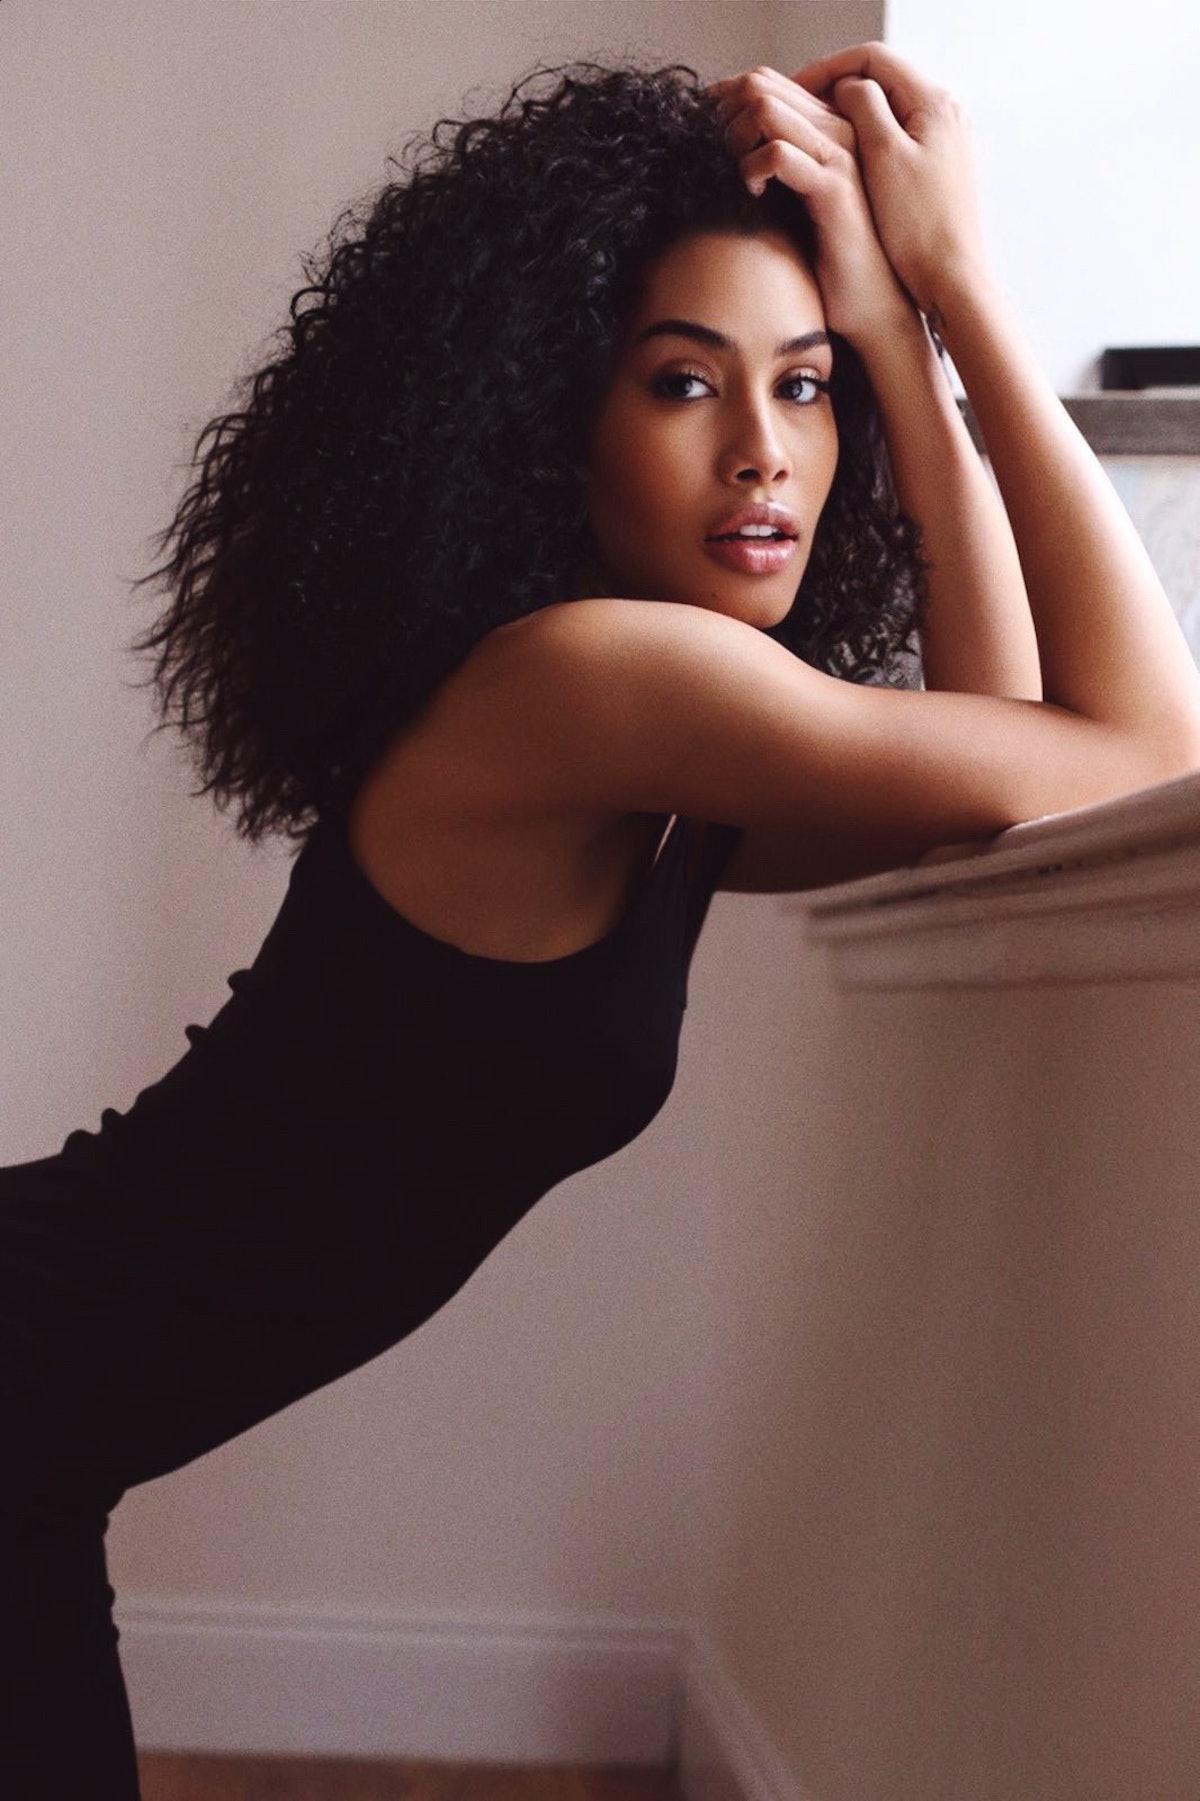 Headshot of Leyna Bloom